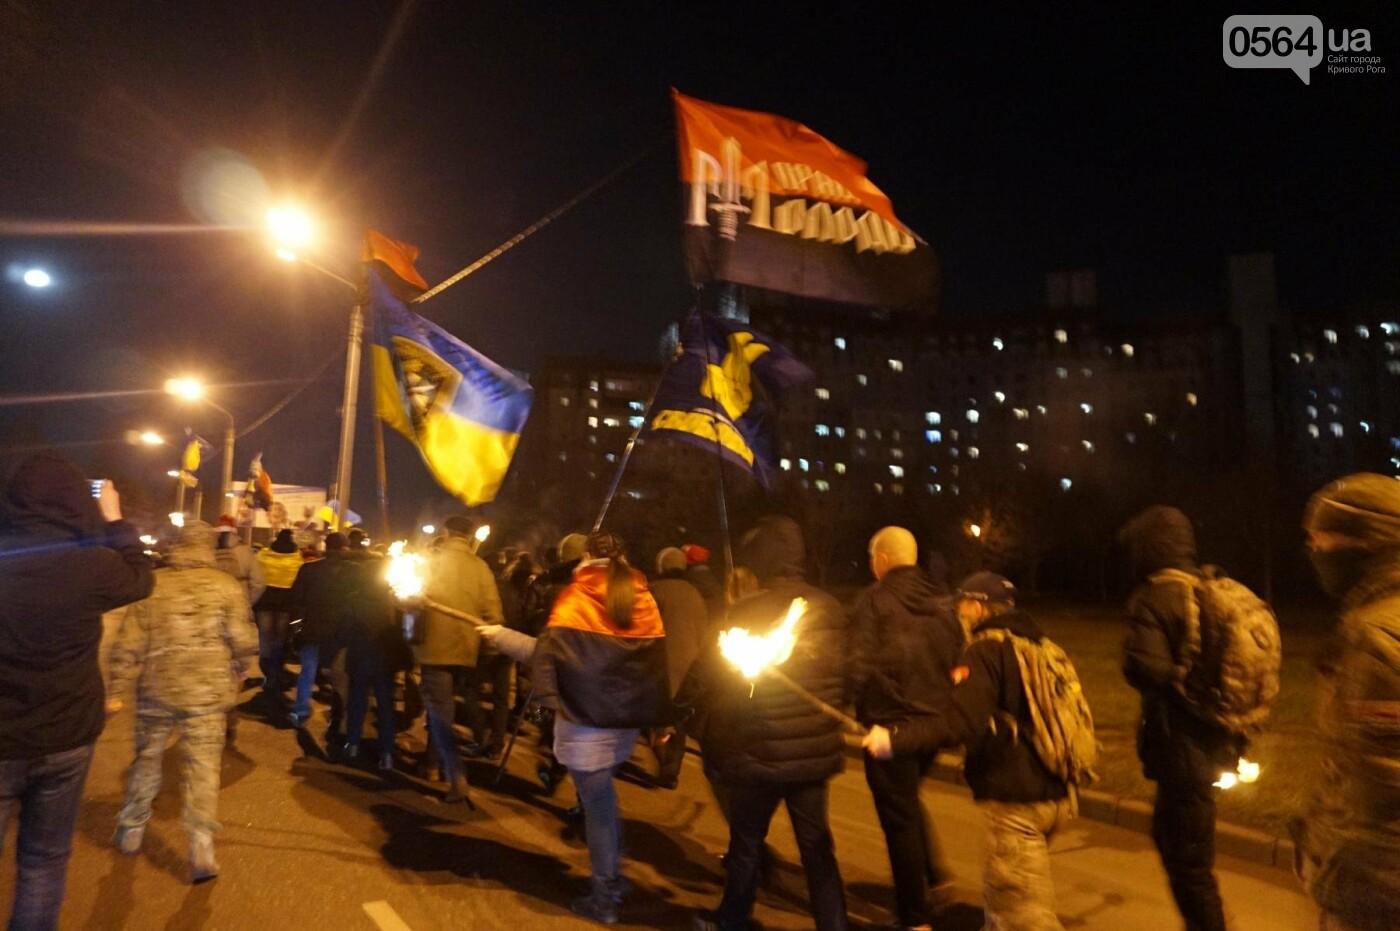 В Кривом Роге проходит Факельный марш в честь Дня рождения Степана Бандеры (ФОТО, ВИДЕО), фото-1